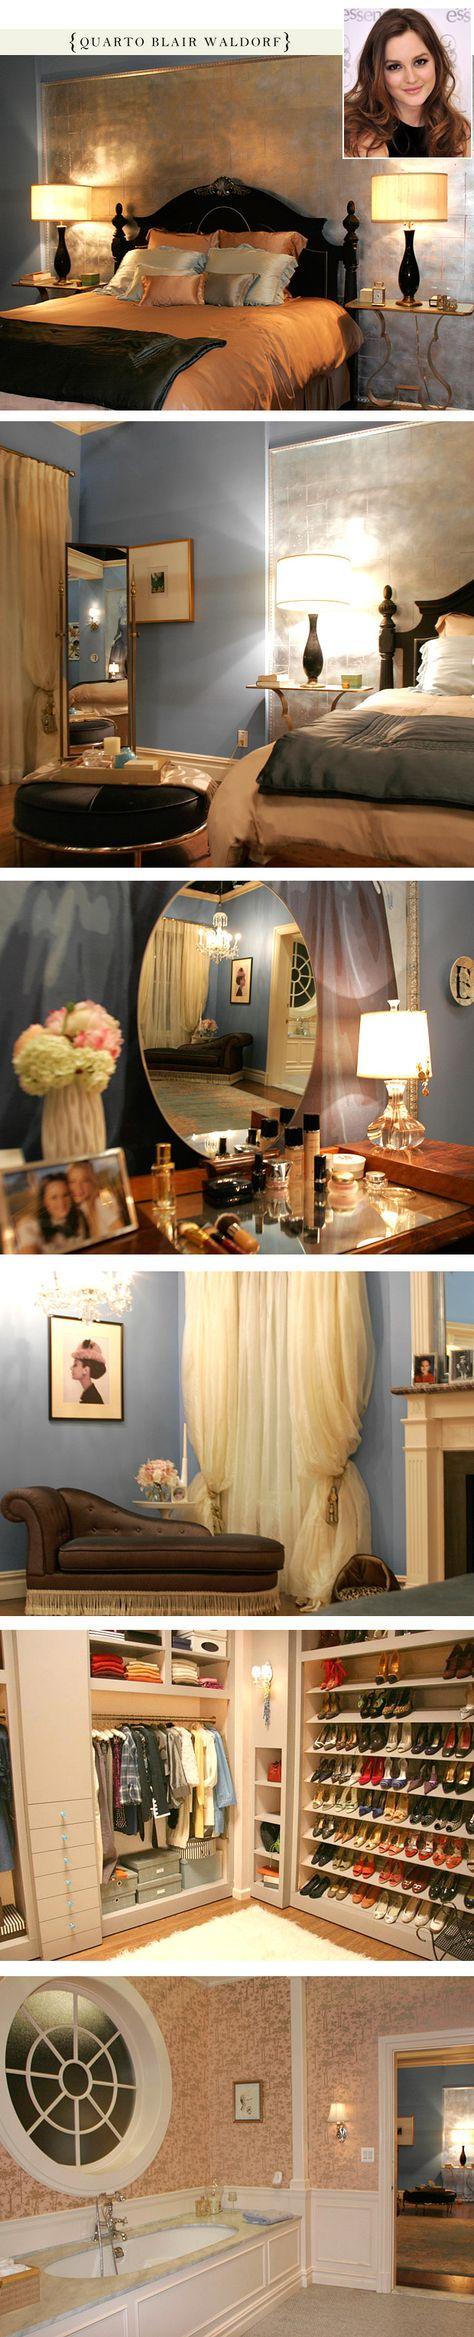 Blair Waldorf's bedroom on Gossip Girl